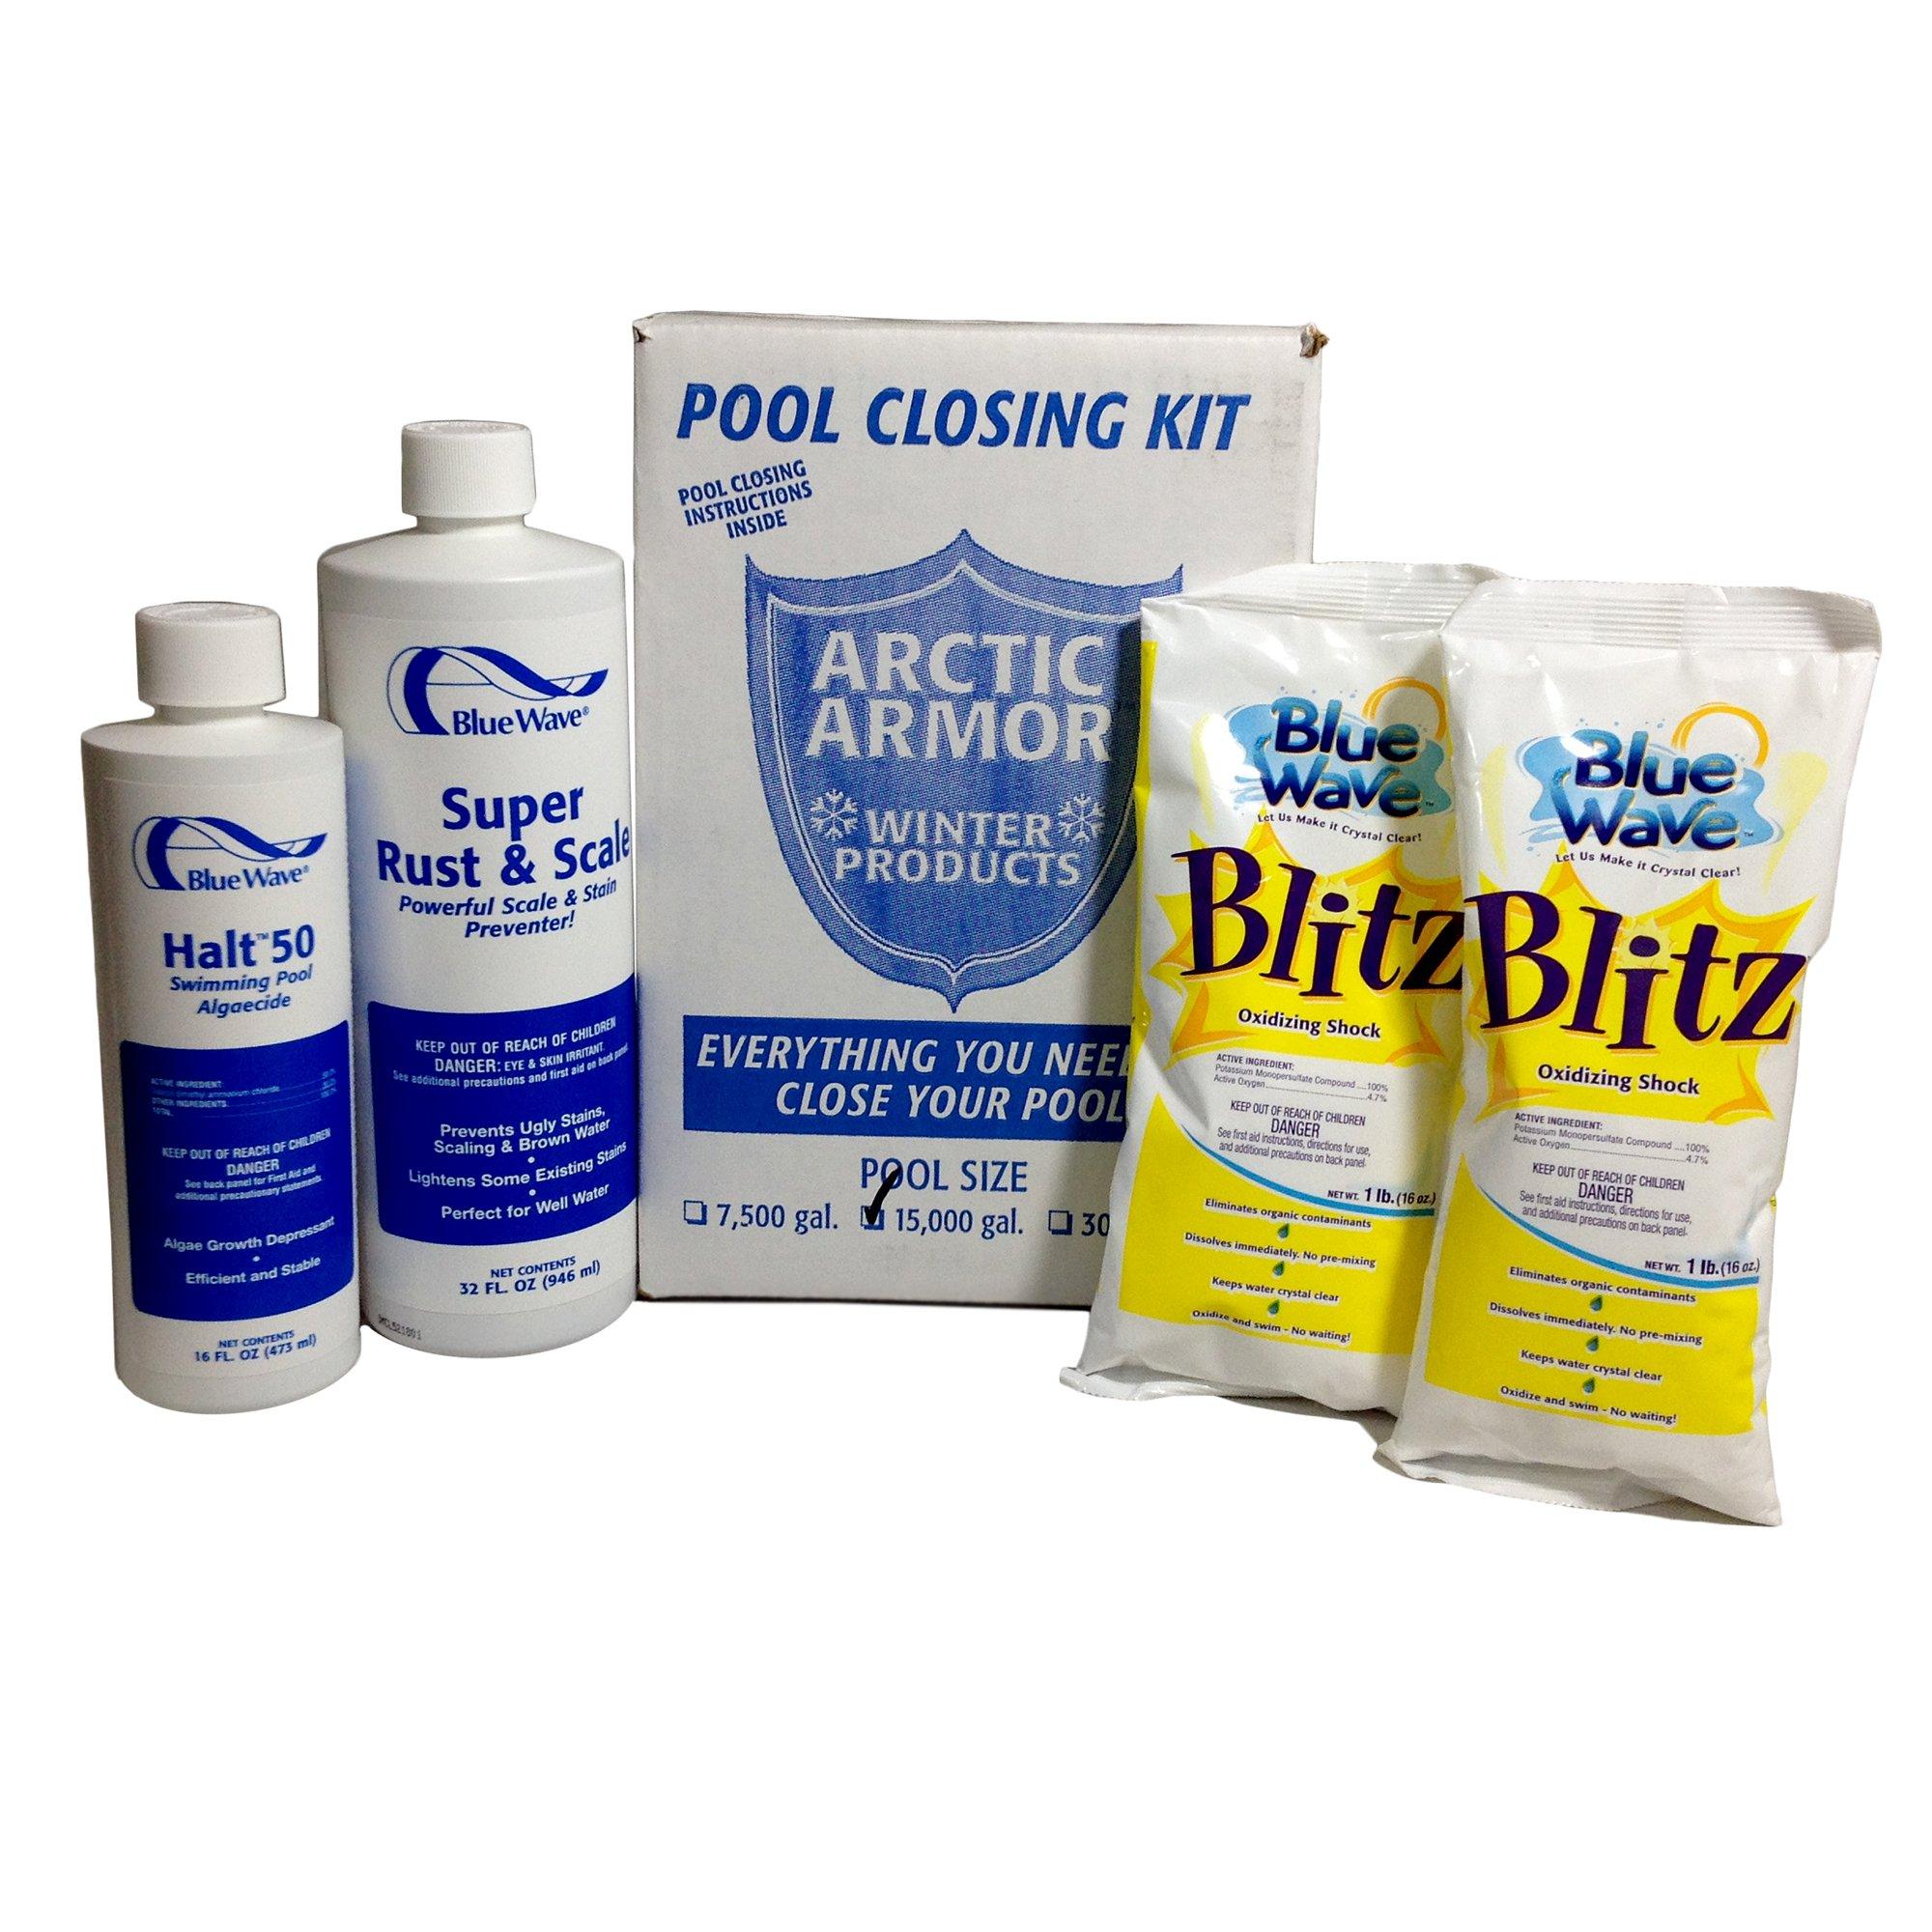 Blue Wave NY934 Medium Chlorine Free Pool Winterizing Kit